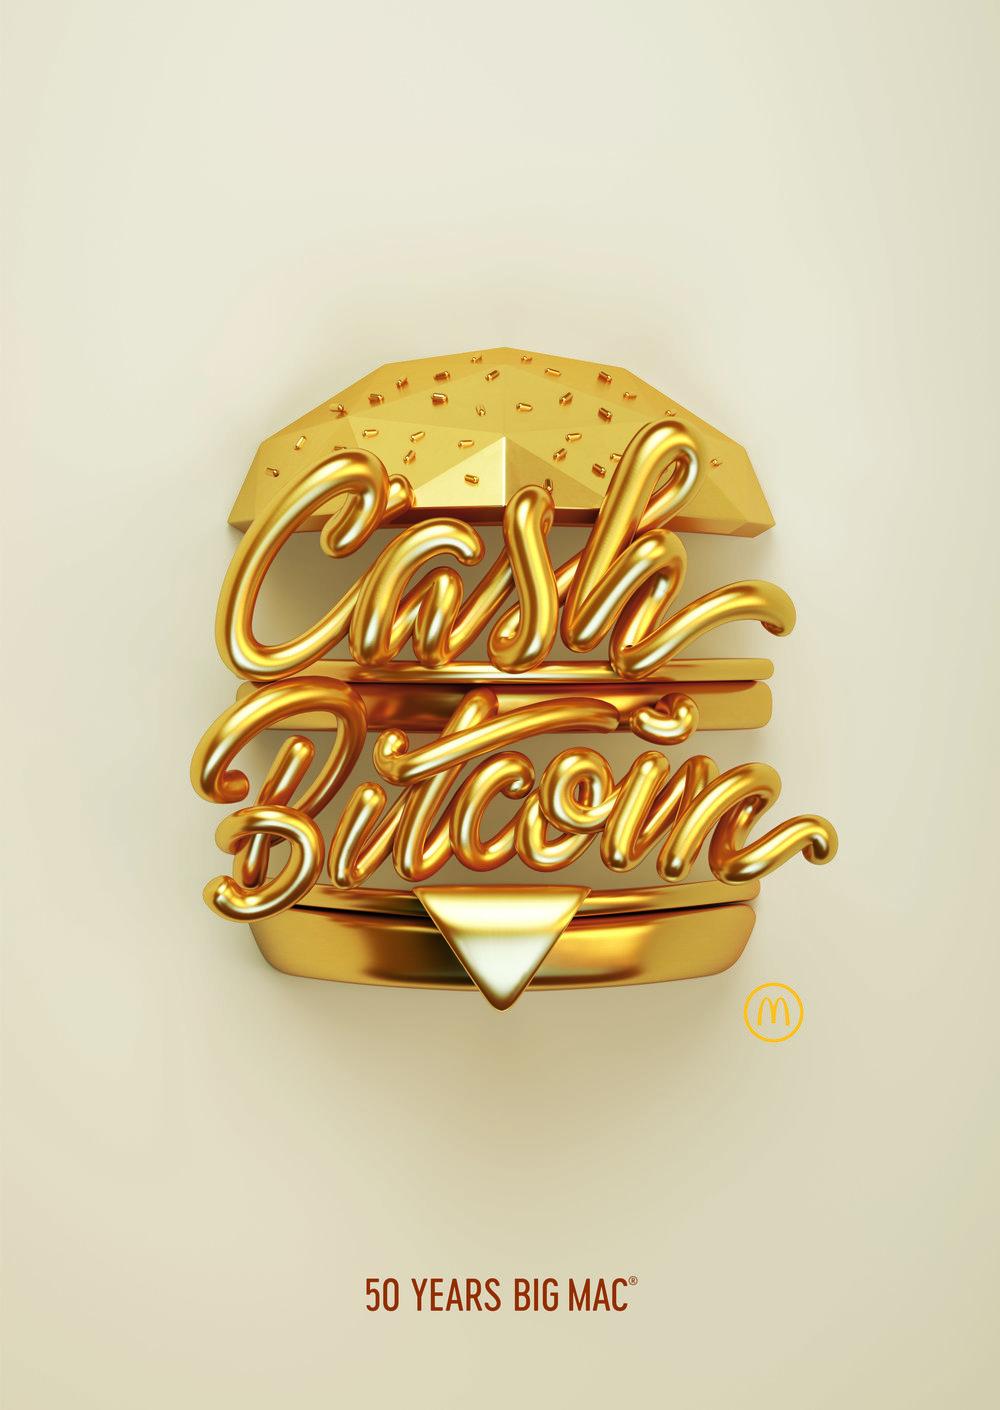 2_Cash:Bitcoin.jpg